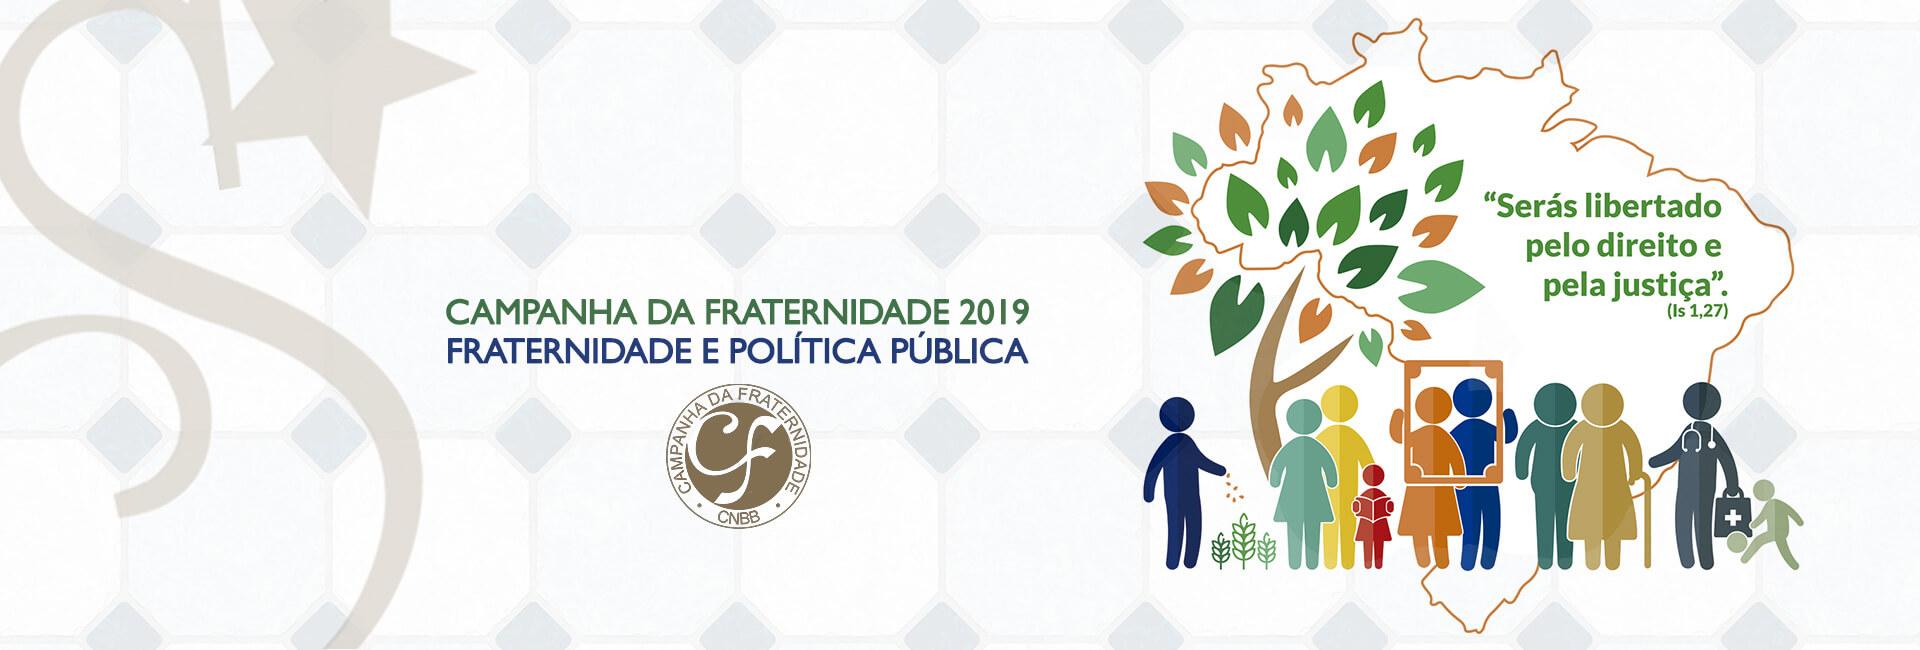 FPSS-servos-de-maria-campanha-da-fraternidade-2019